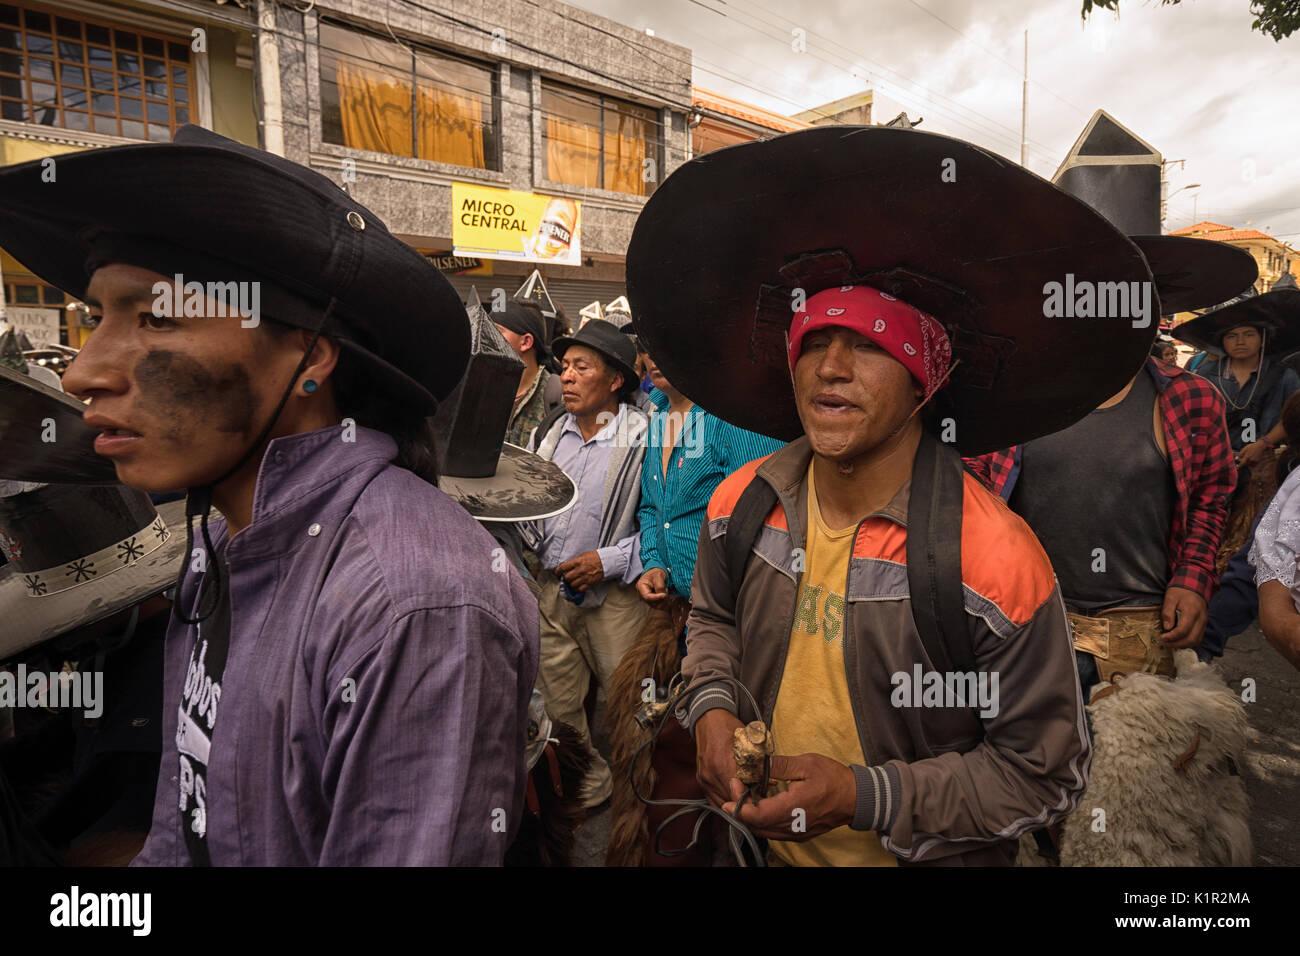 June 24, 2017 Cotacachi, Ecuador: closeup of indigenous kichwa men  participating at an Inti Raymi parade at summer solstice - Stock Image